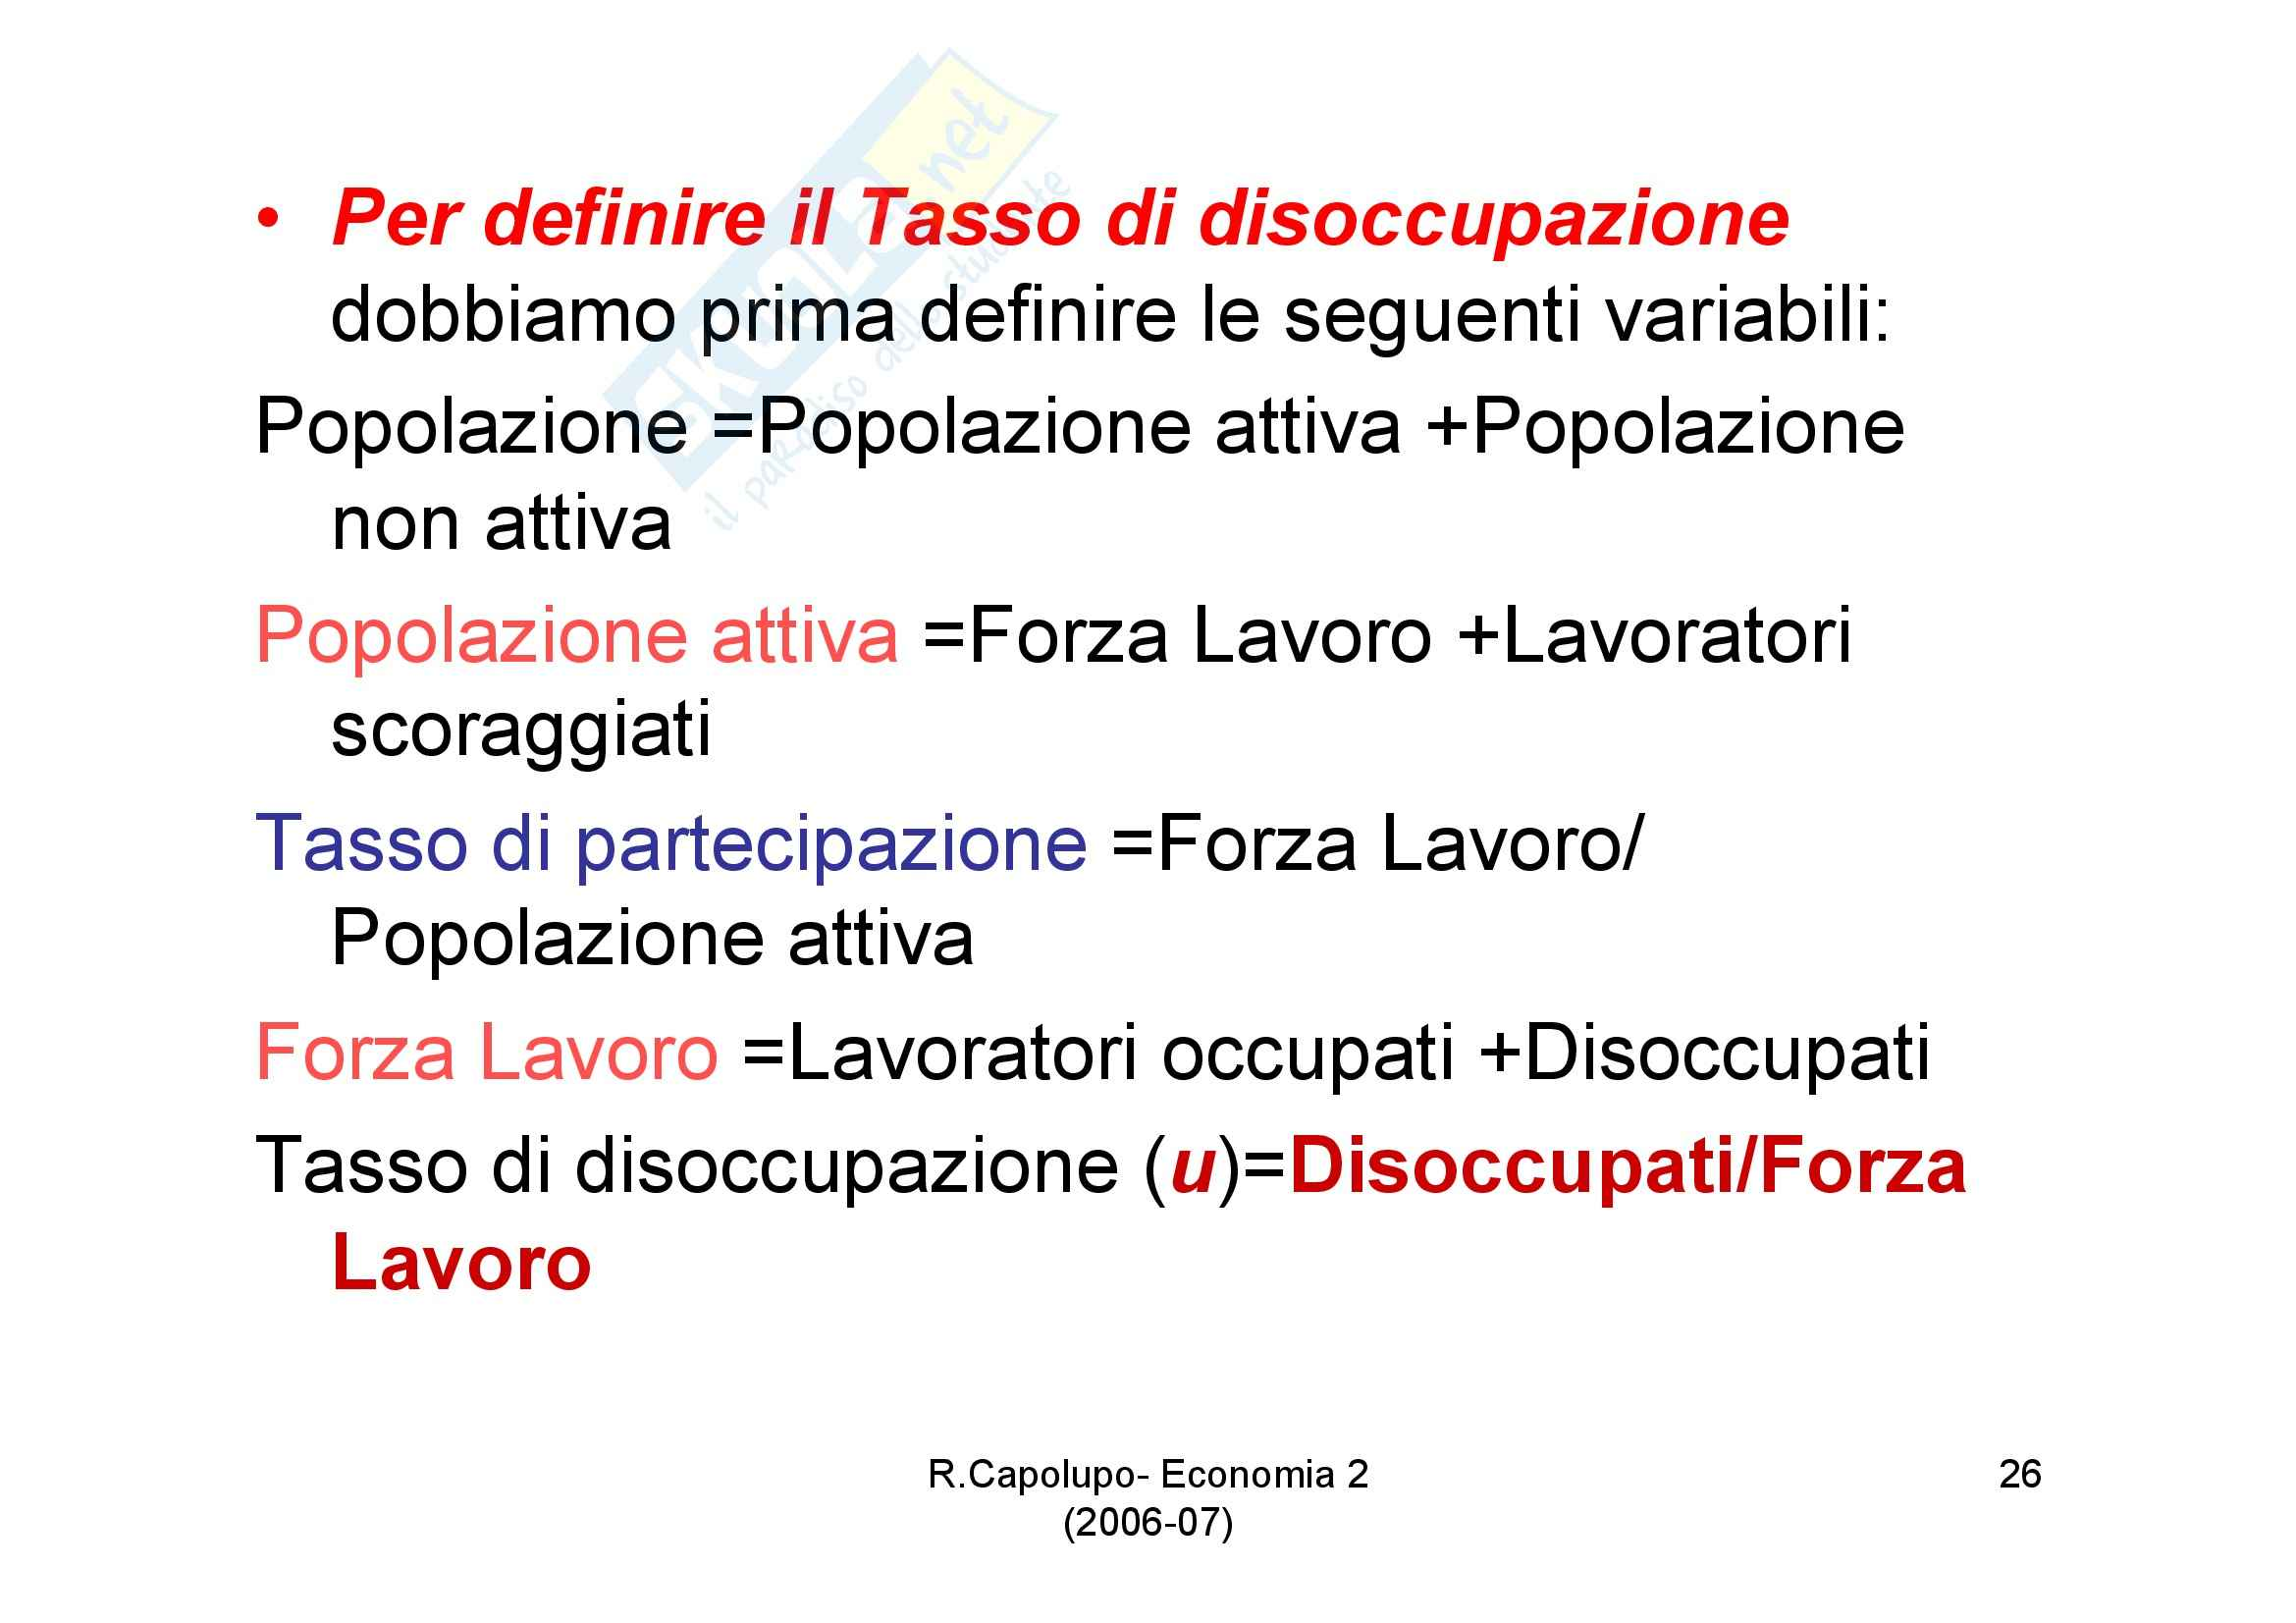 Economia politica - diapositive prima lezione Pag. 26